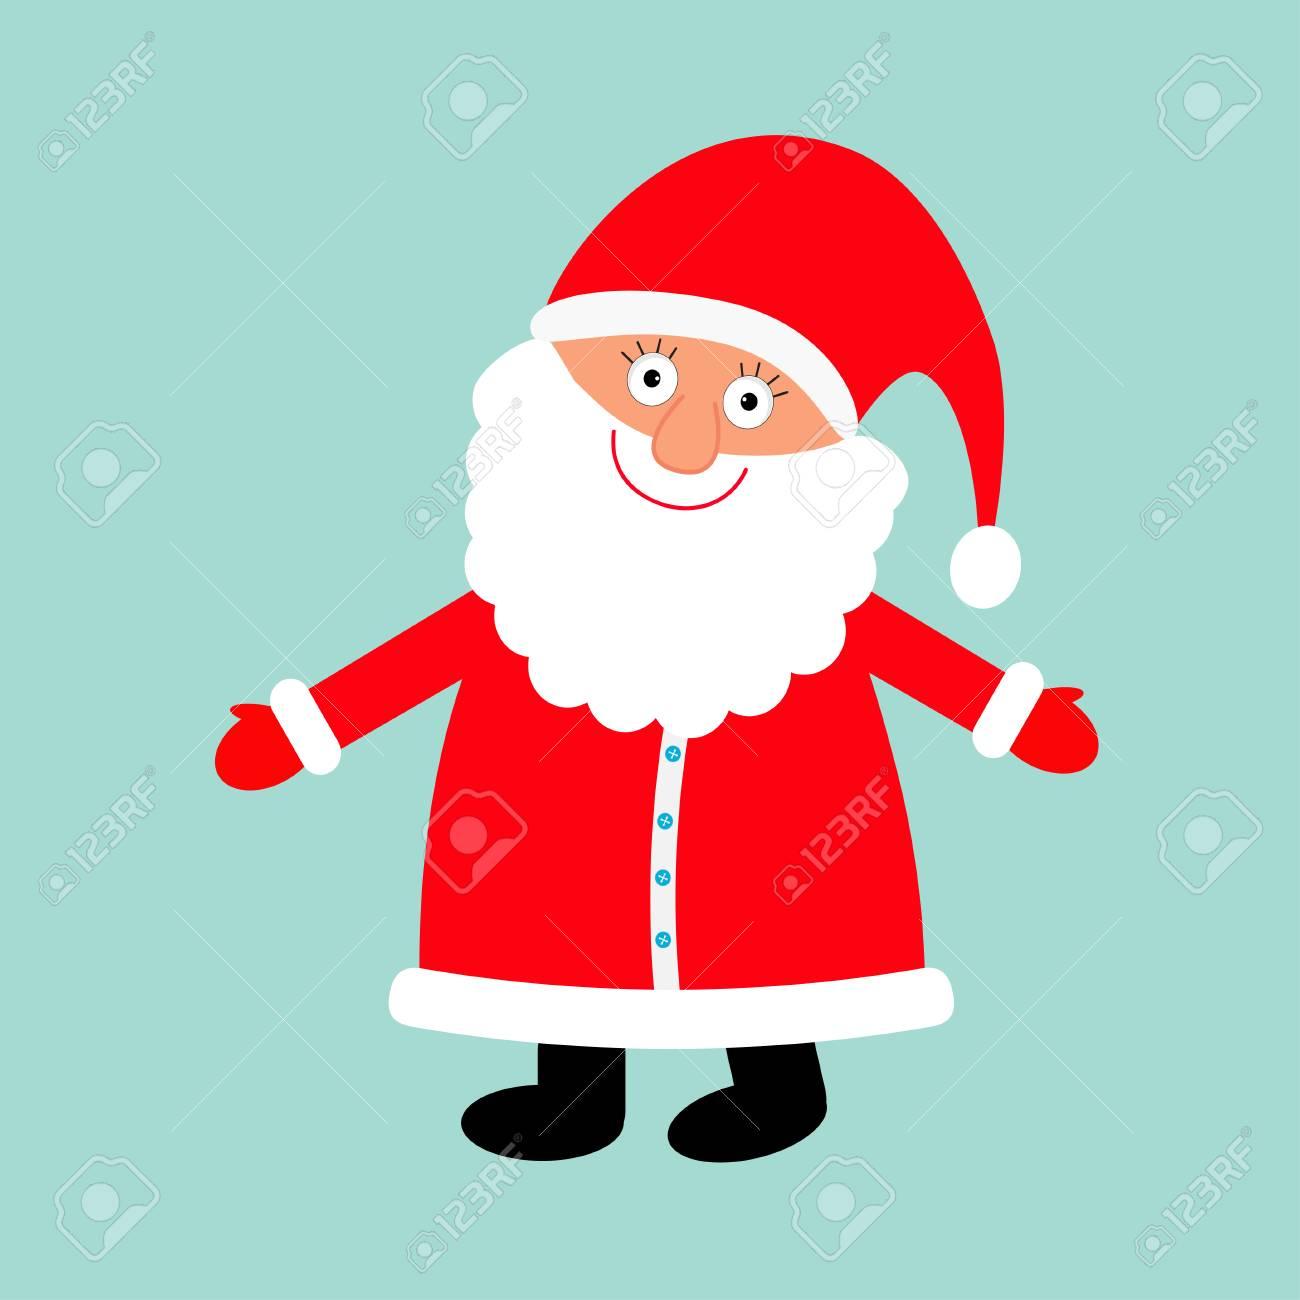 Père Noël Portant Chapeau Rouge Costume Grande Barbe Personnage Drôle De Dessin Animé Mignon Avec Main Ouverte Joyeux Noël Fond Bleu Isolé Carte